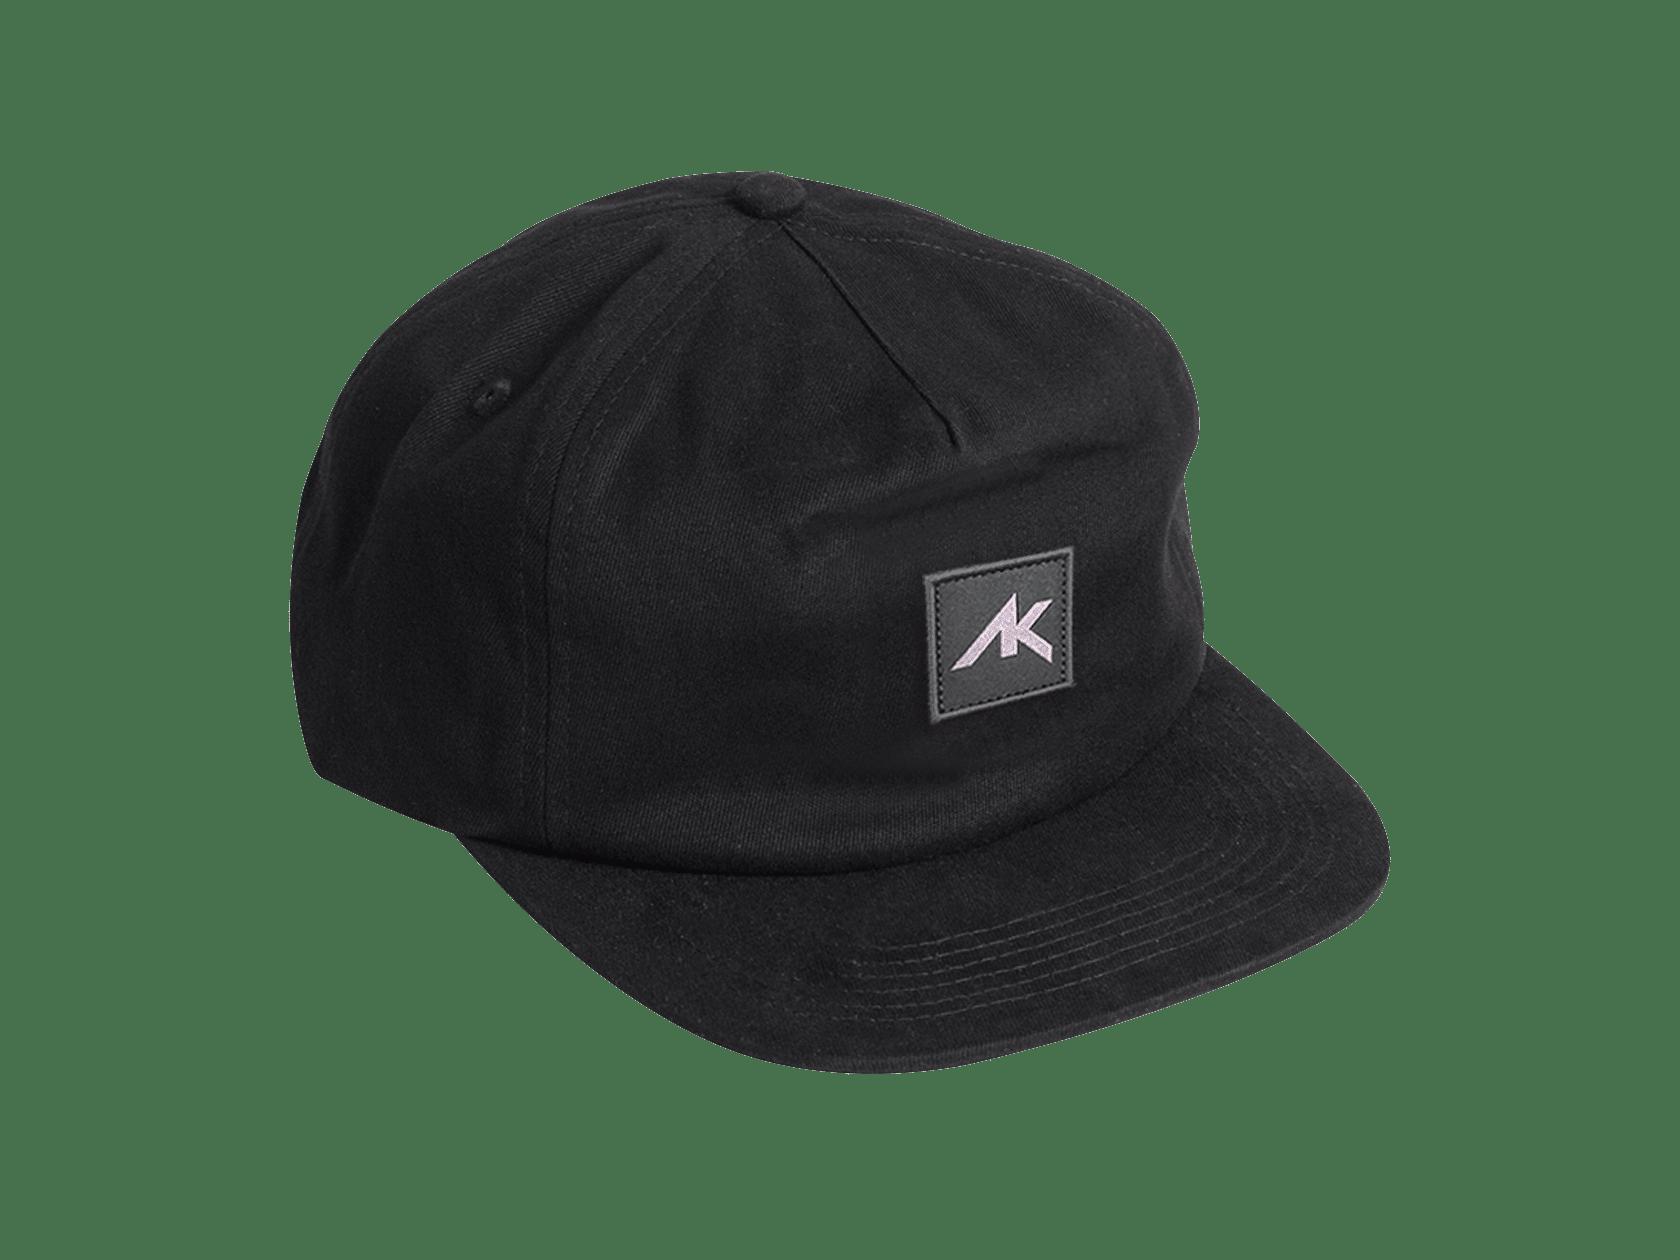 AK 5 Panel Cap